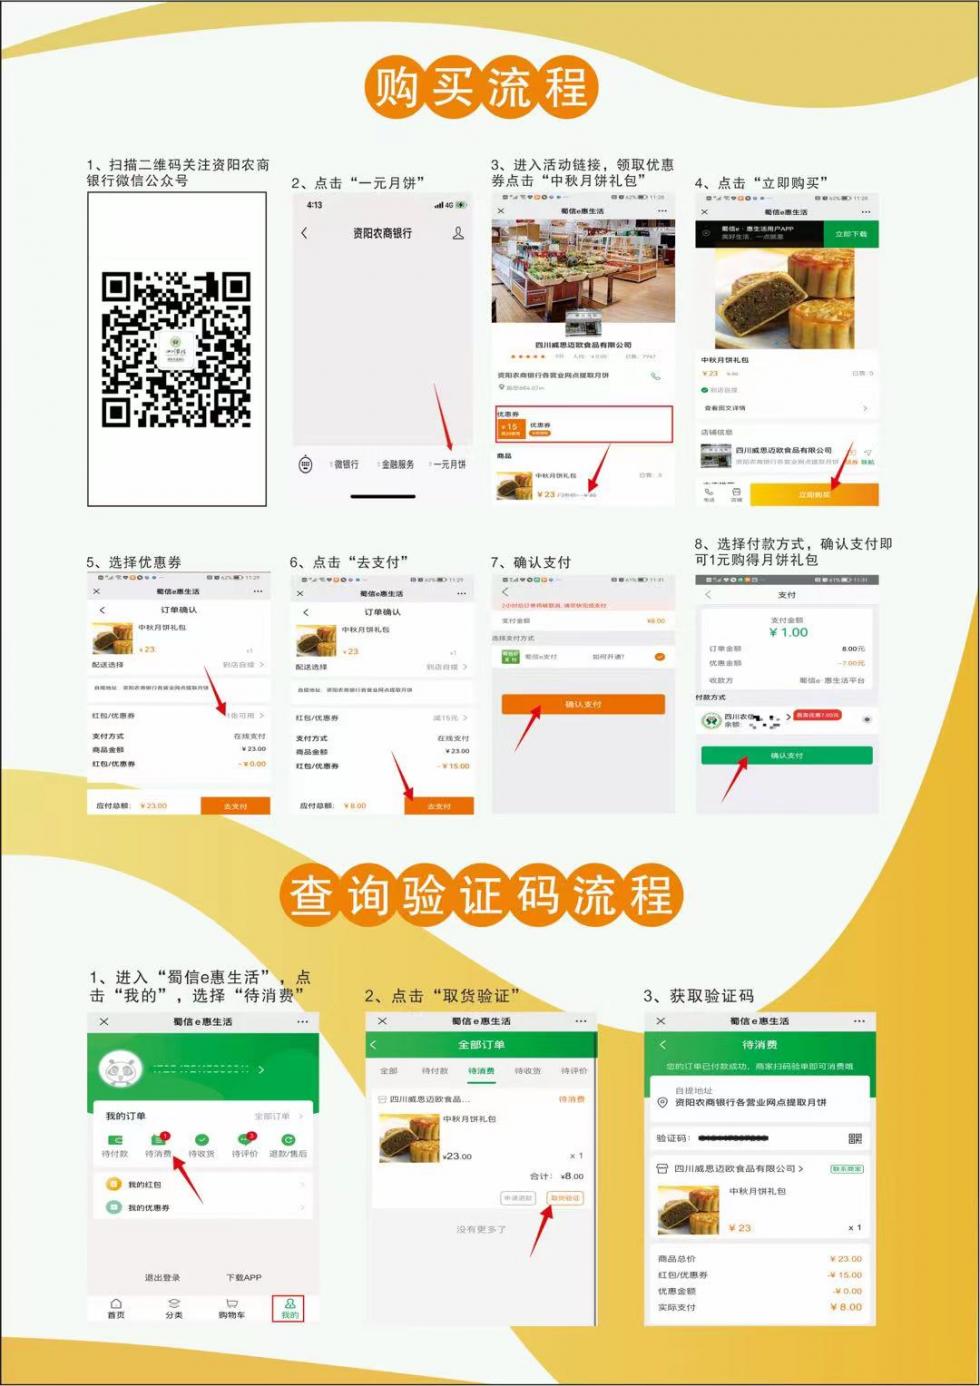 资阳农商银行1元购月饼,优惠享不停!